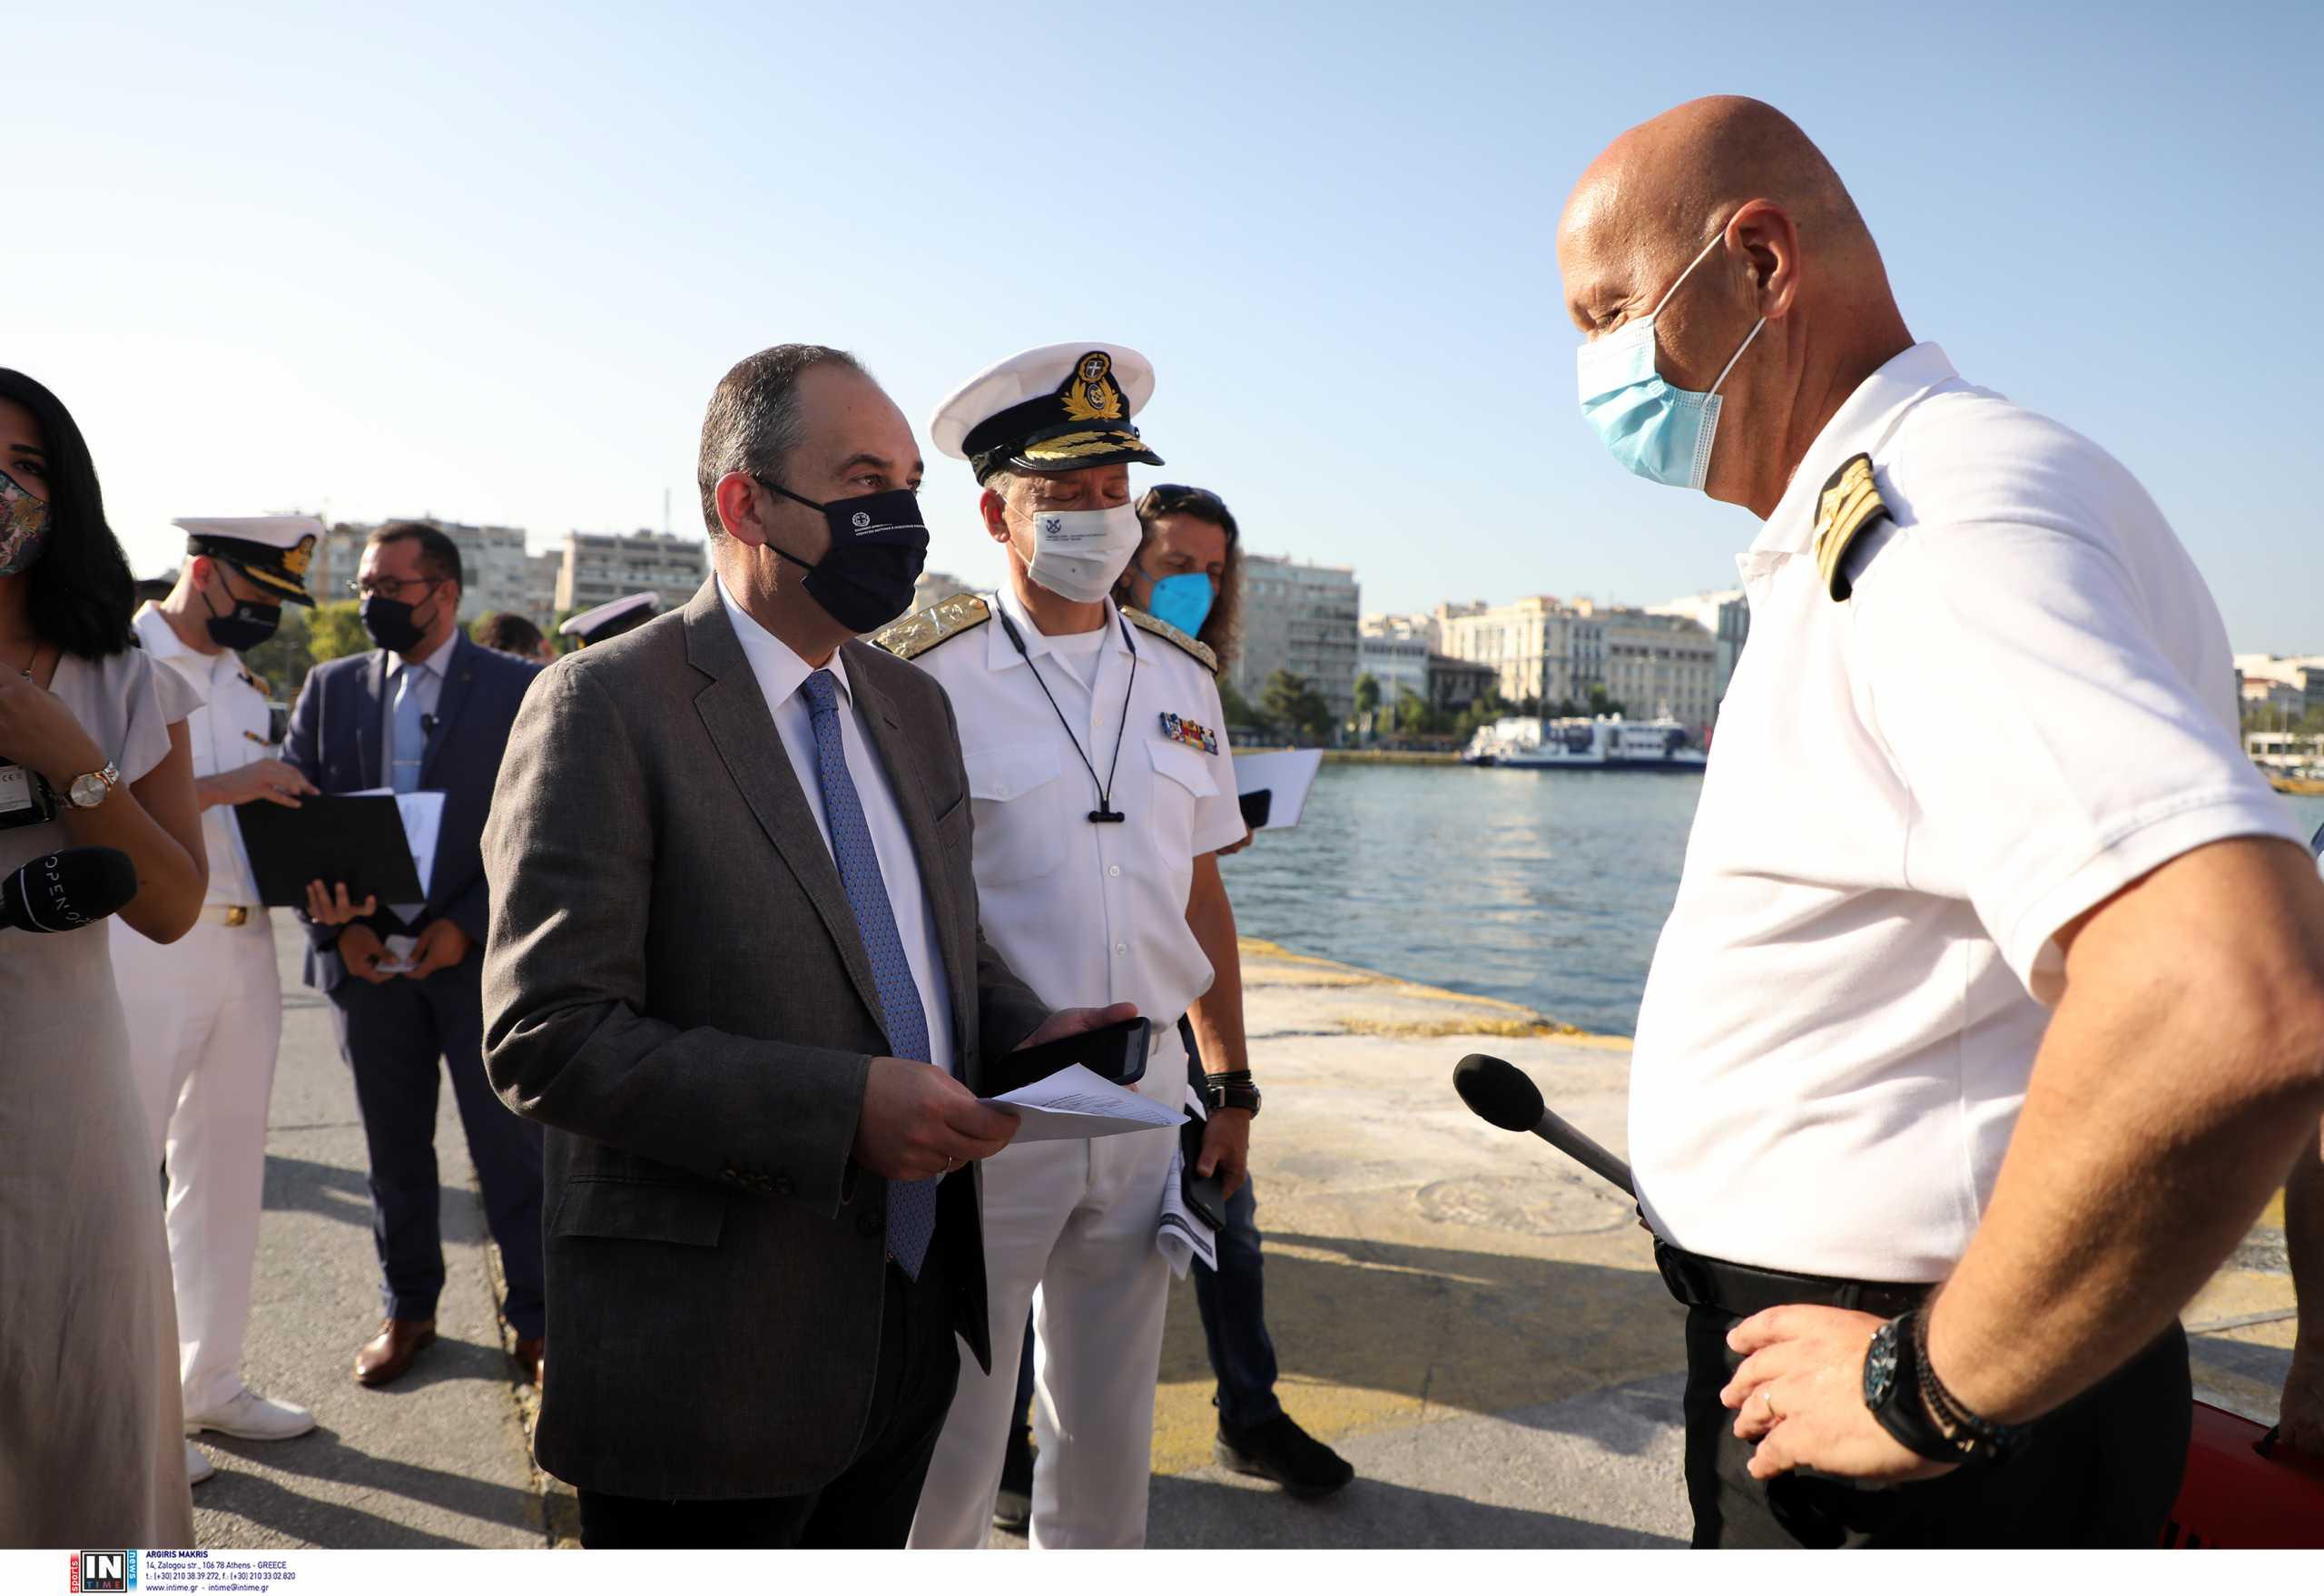 Πλακιωτάκης για ελέγχους στα πλοία: Δεν έχουμε τιμωρητική διάθεση